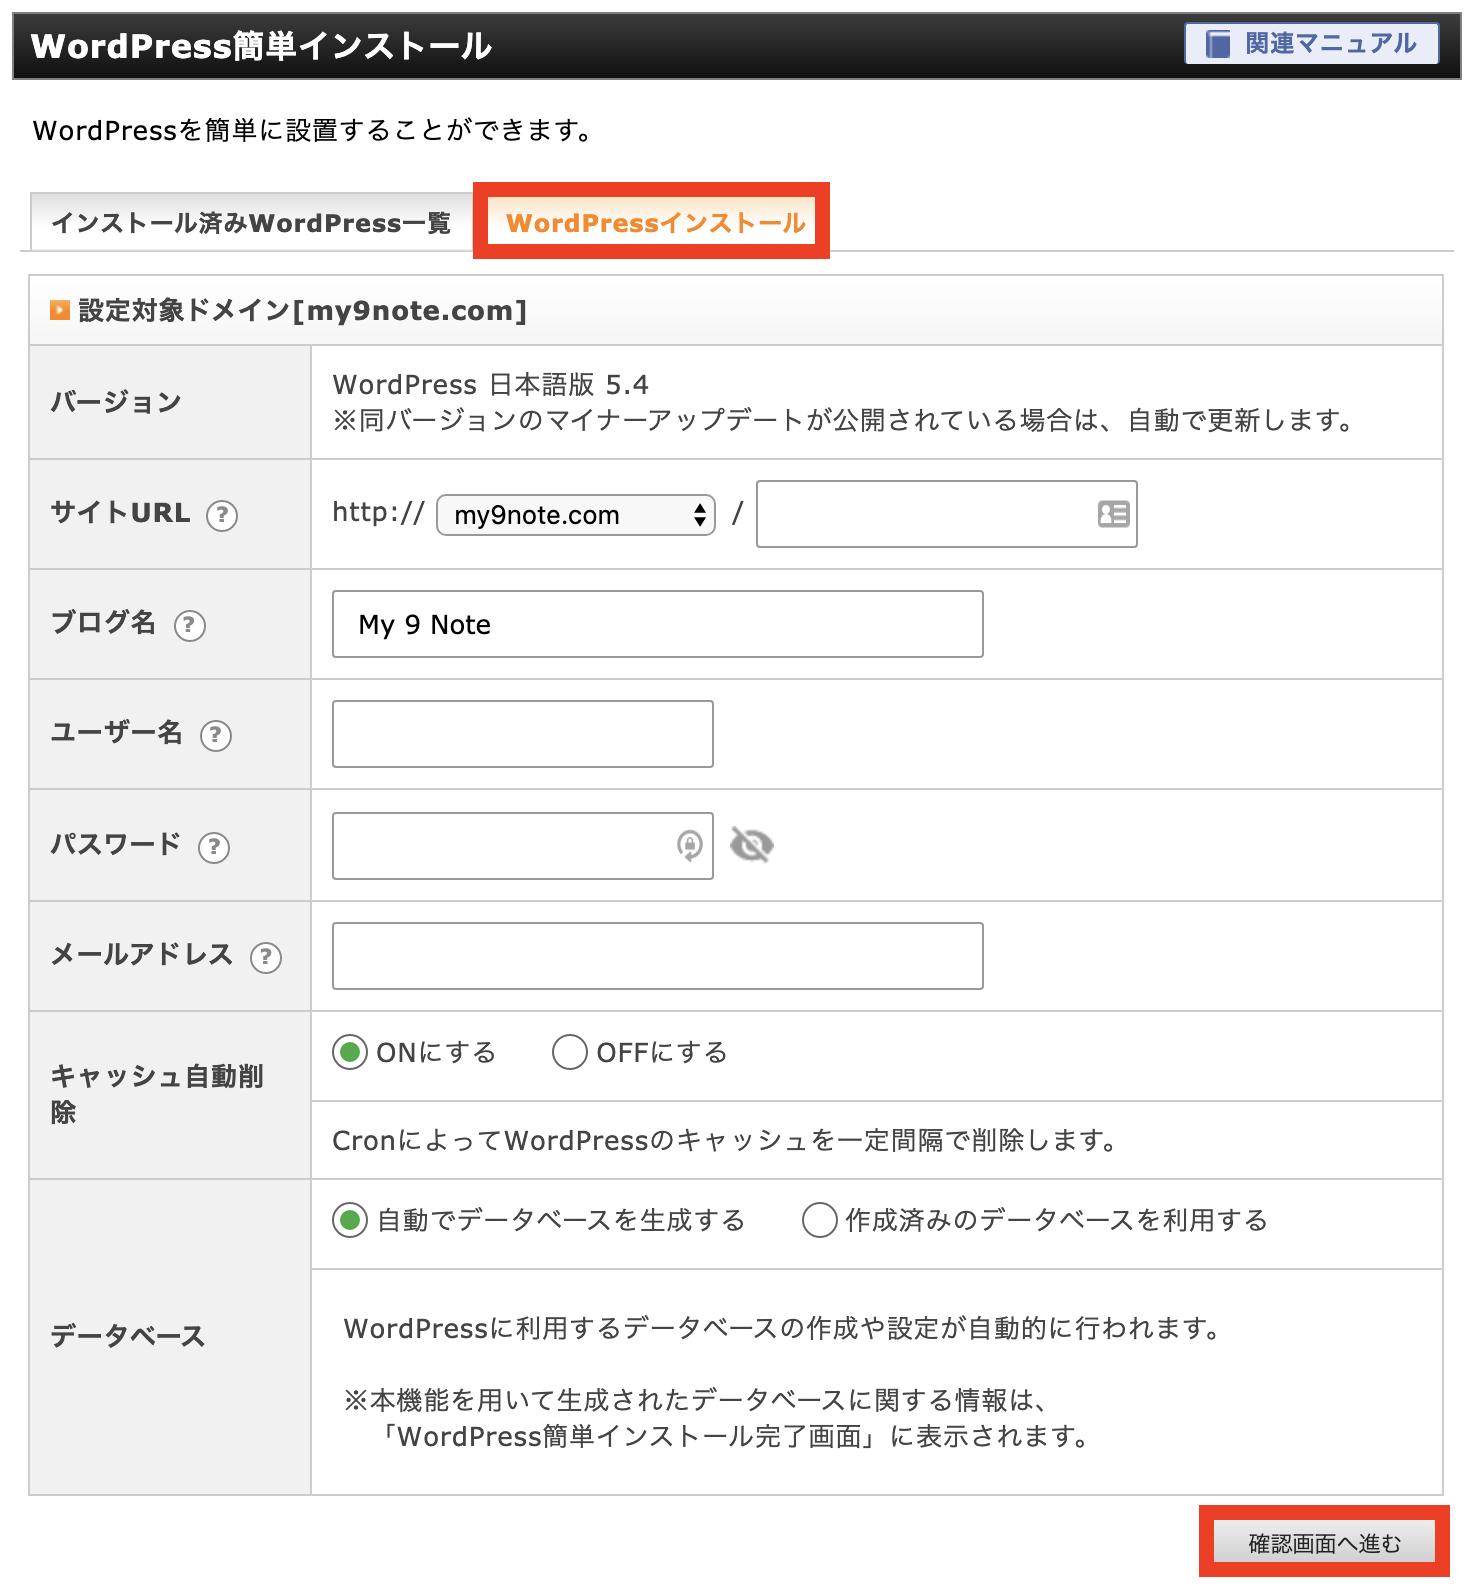 スクリーンショット 2020-05-08 3.20.31